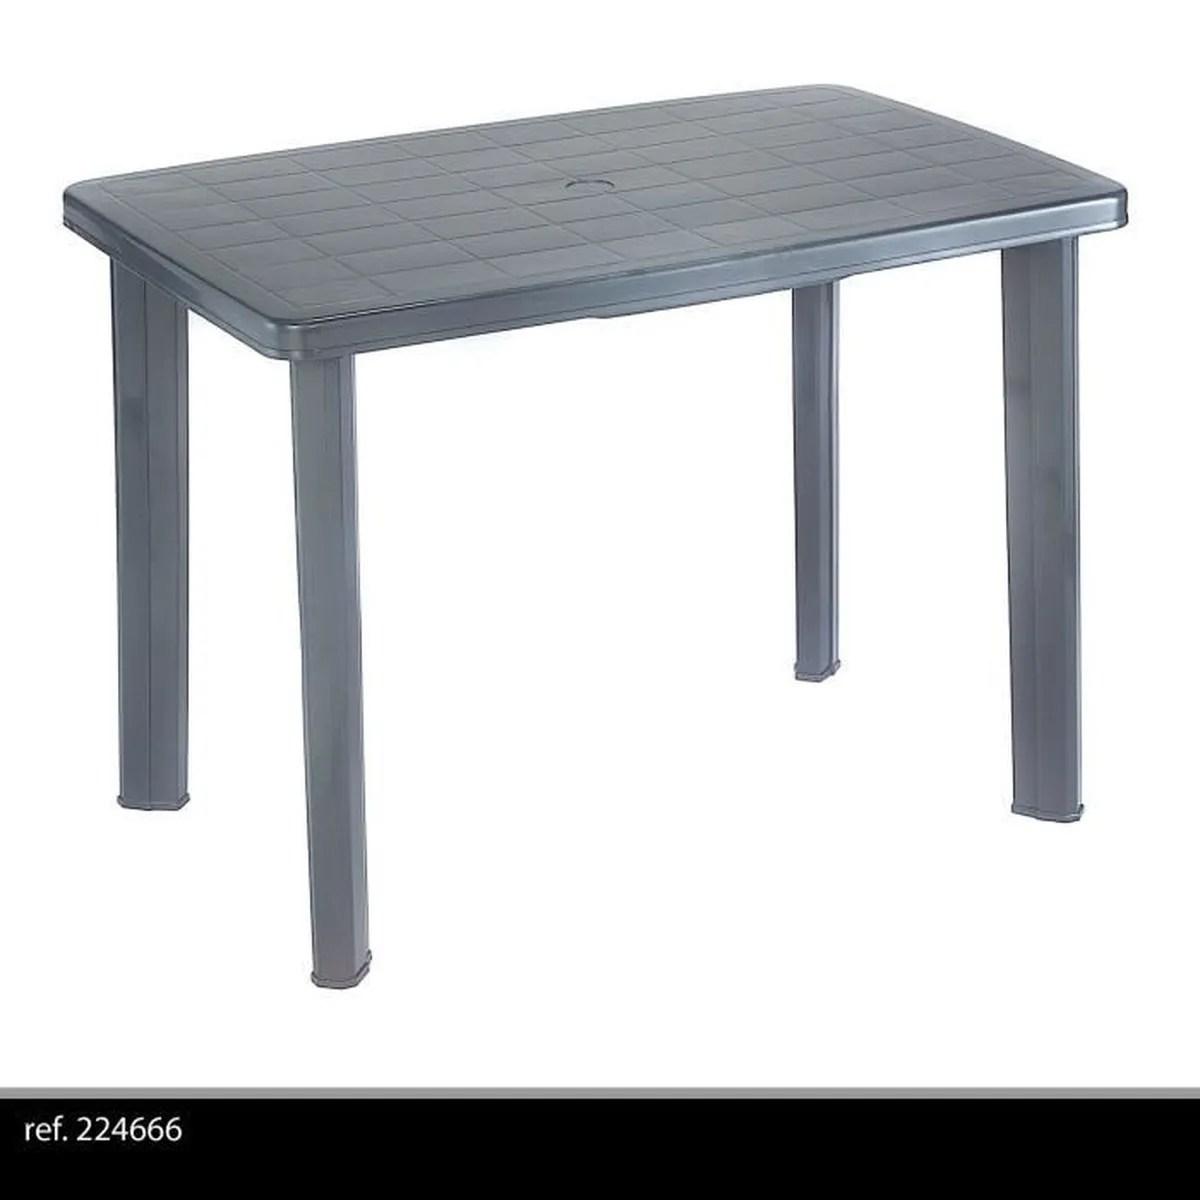 TABLE DE JARDIN DMONTABLE EN PLASTIQUE POUR CAMPING OU REPAS EN EXTERIEUR GRISE 100X70